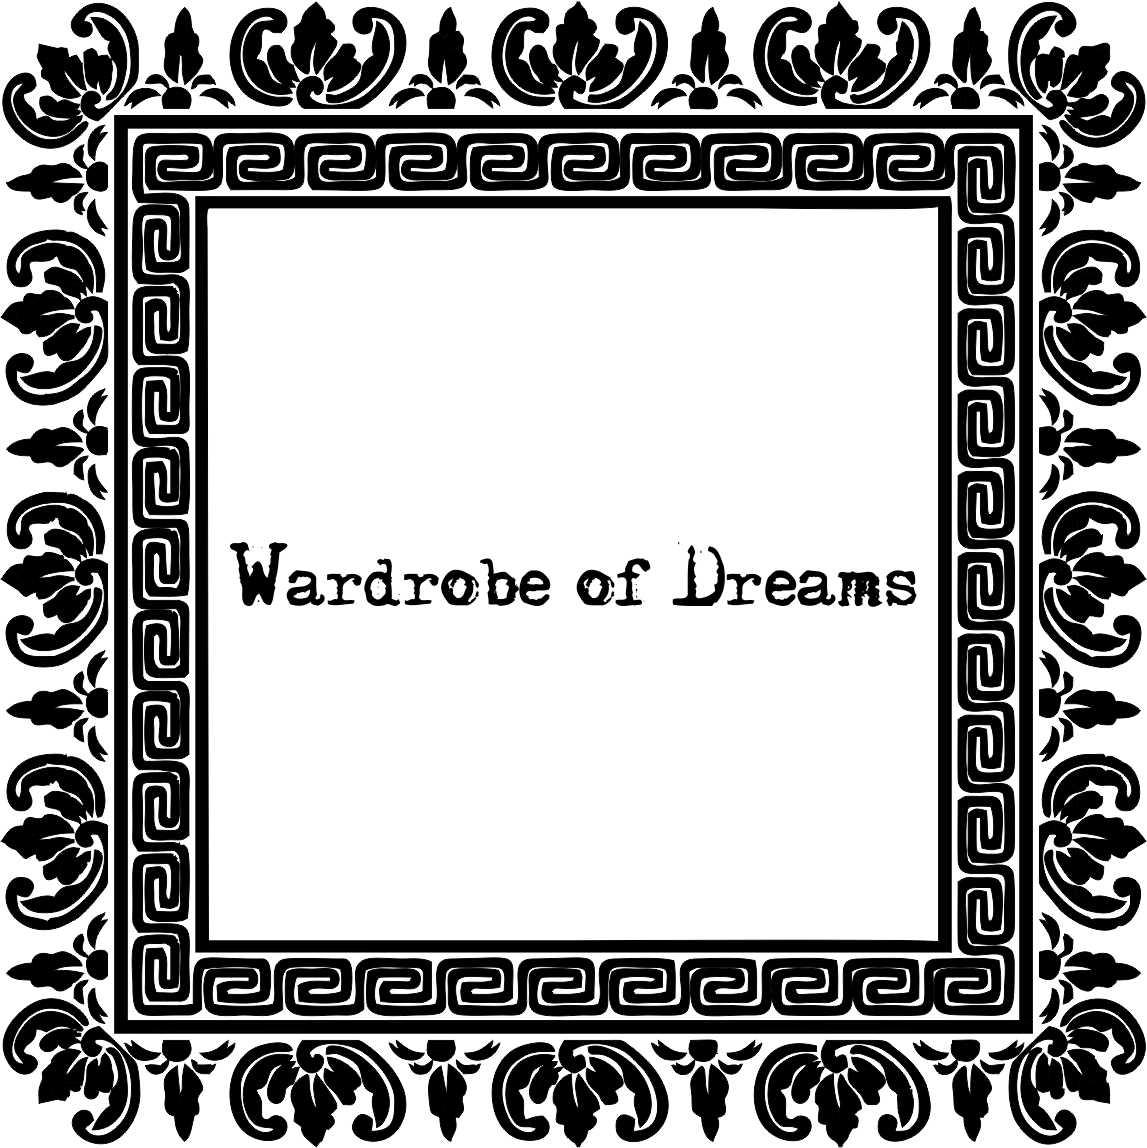 wardrobe of dreams.jpg